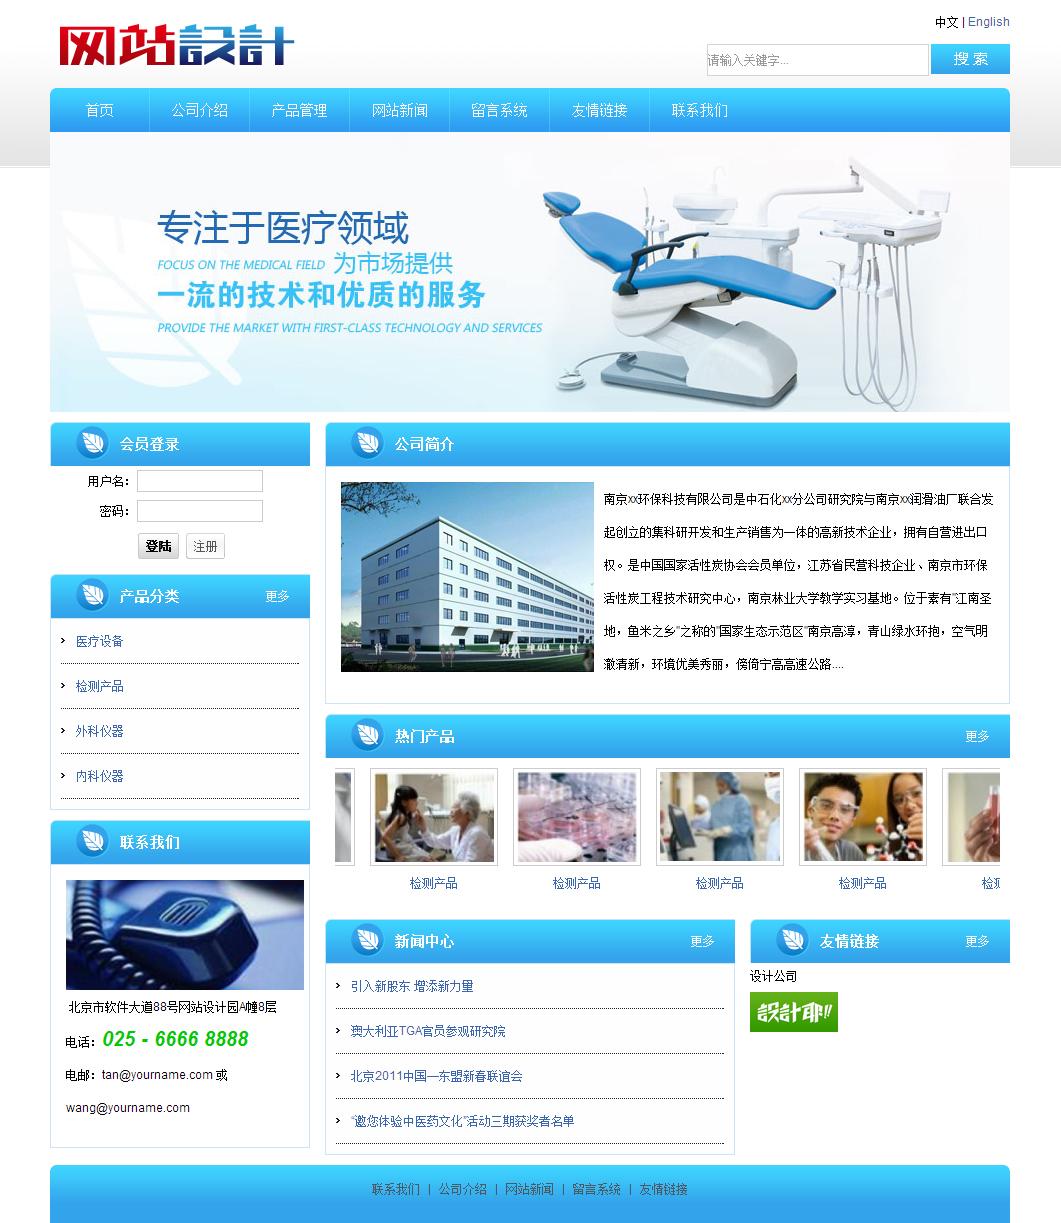 蓝白色医疗设备网页设计G